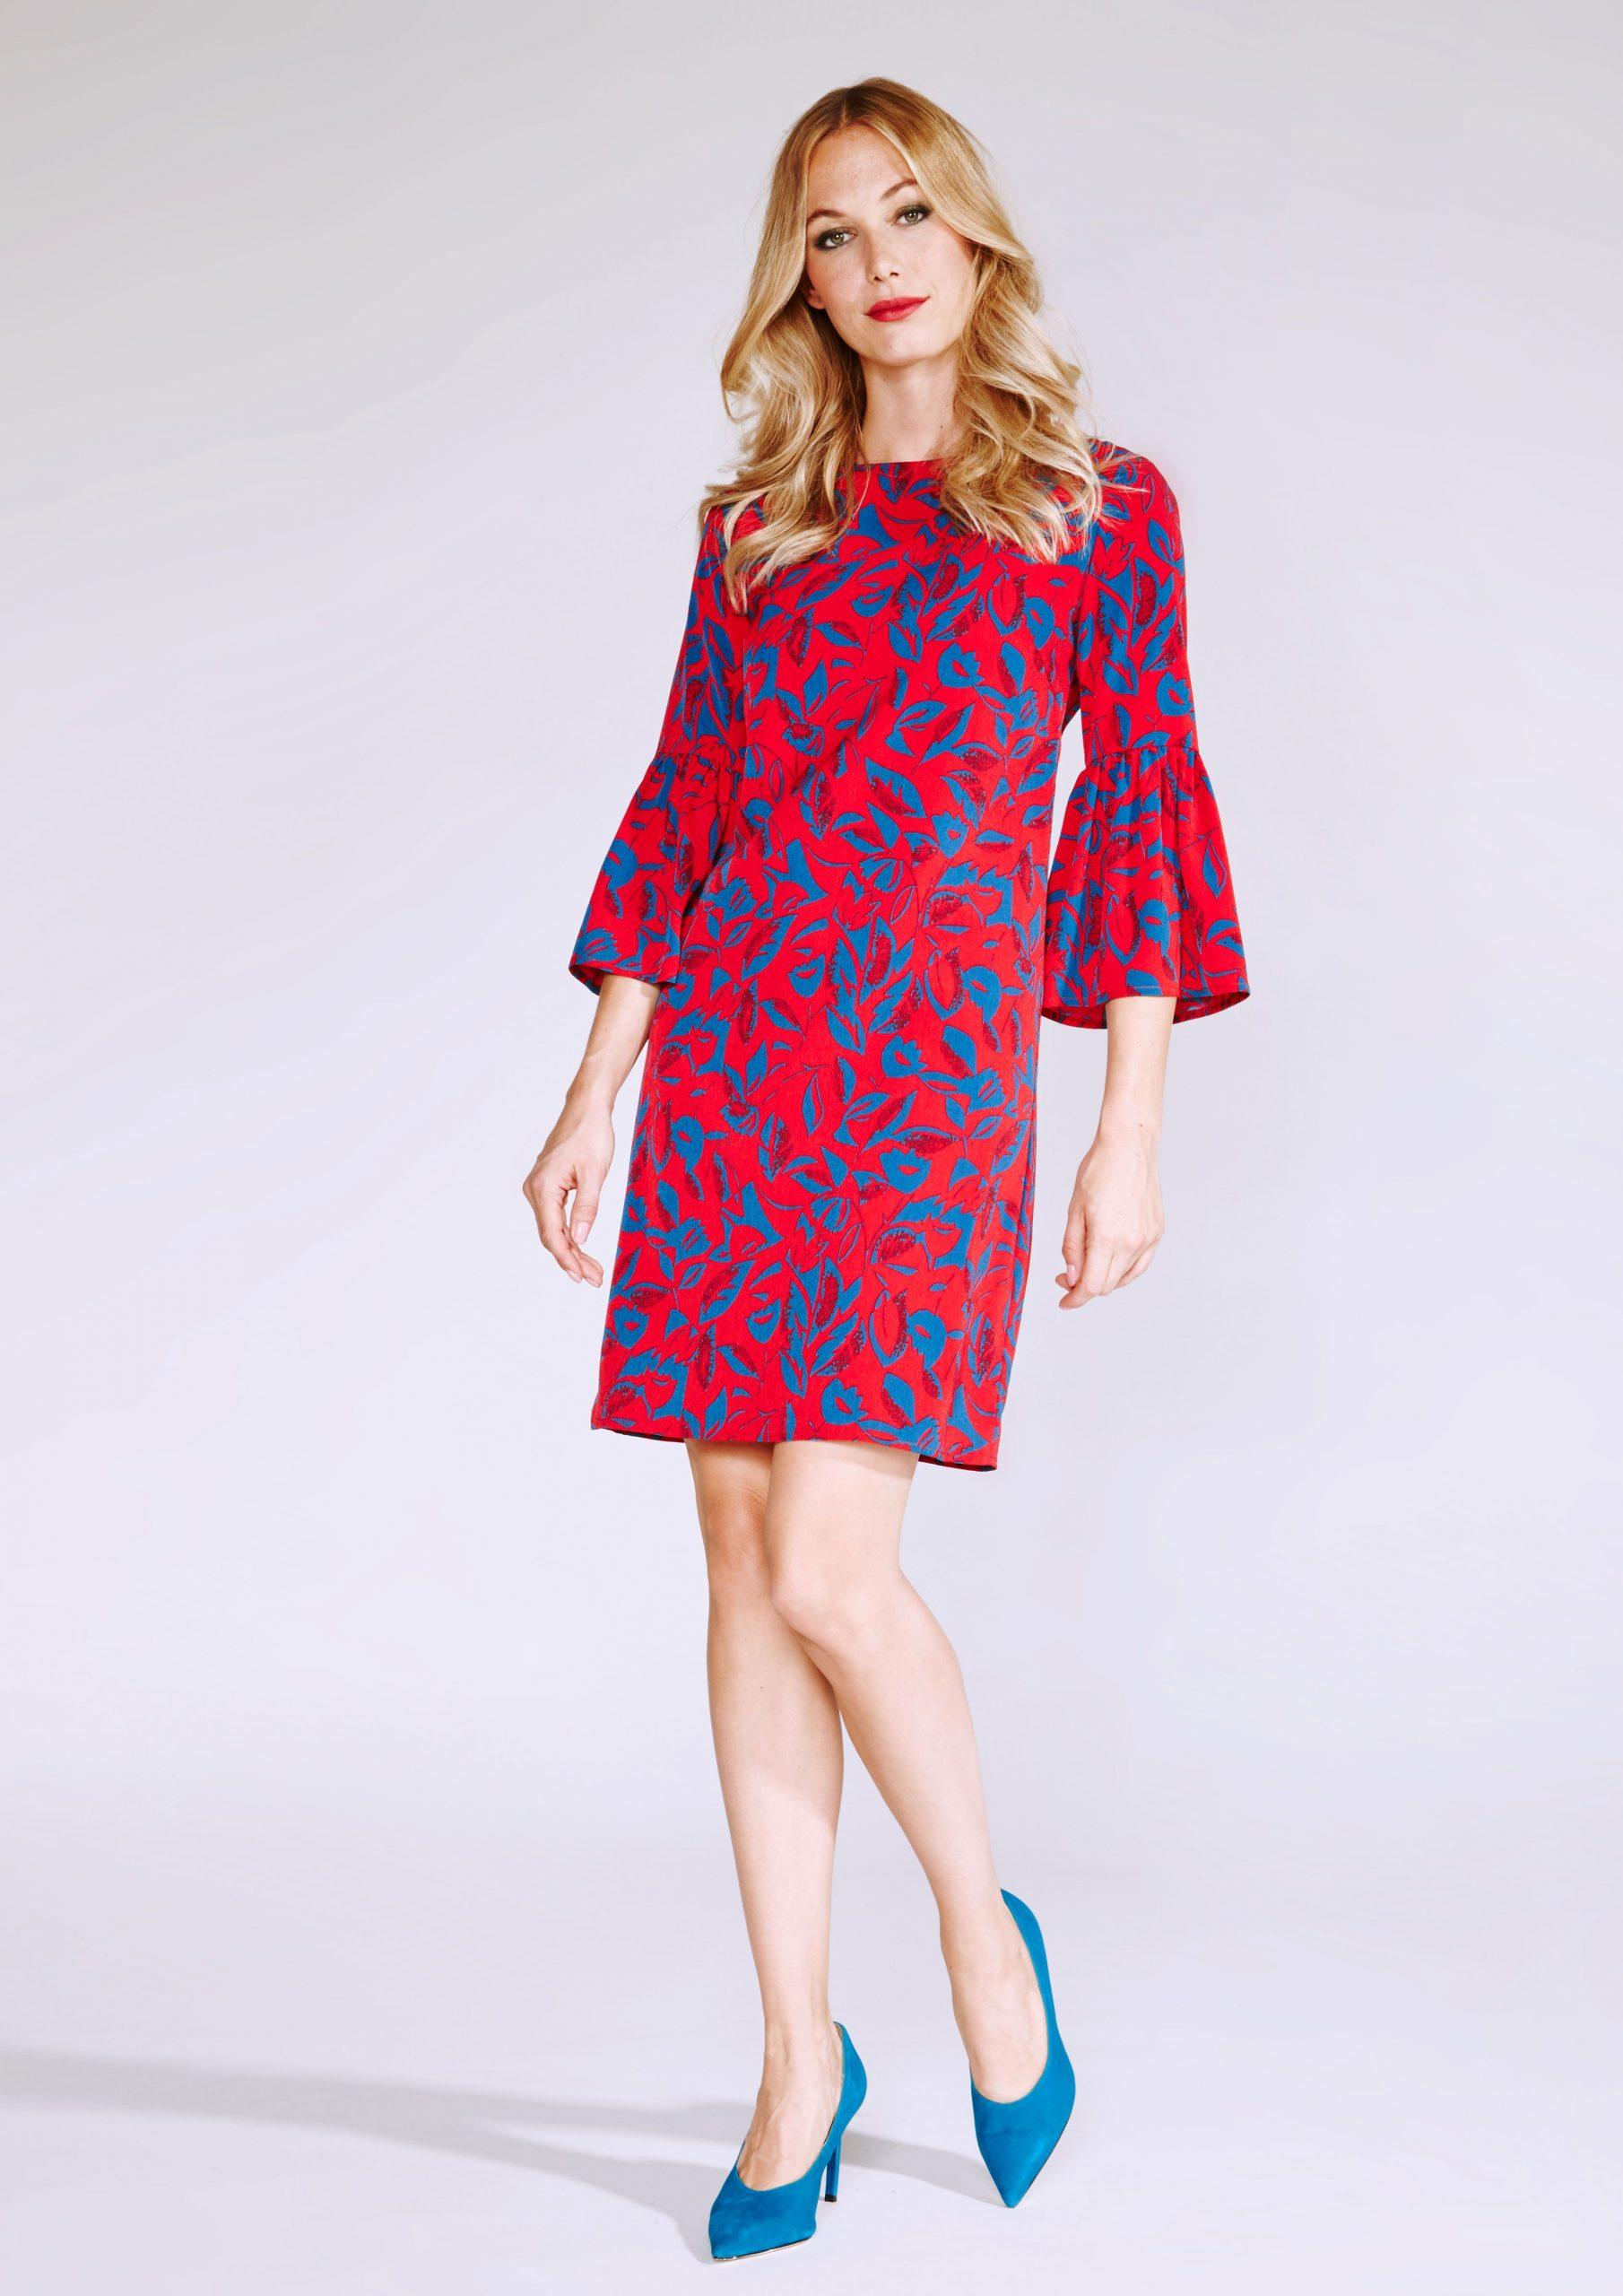 Rotes Tunikakleid Mit Volants  Tunika Kleid Kleider Und